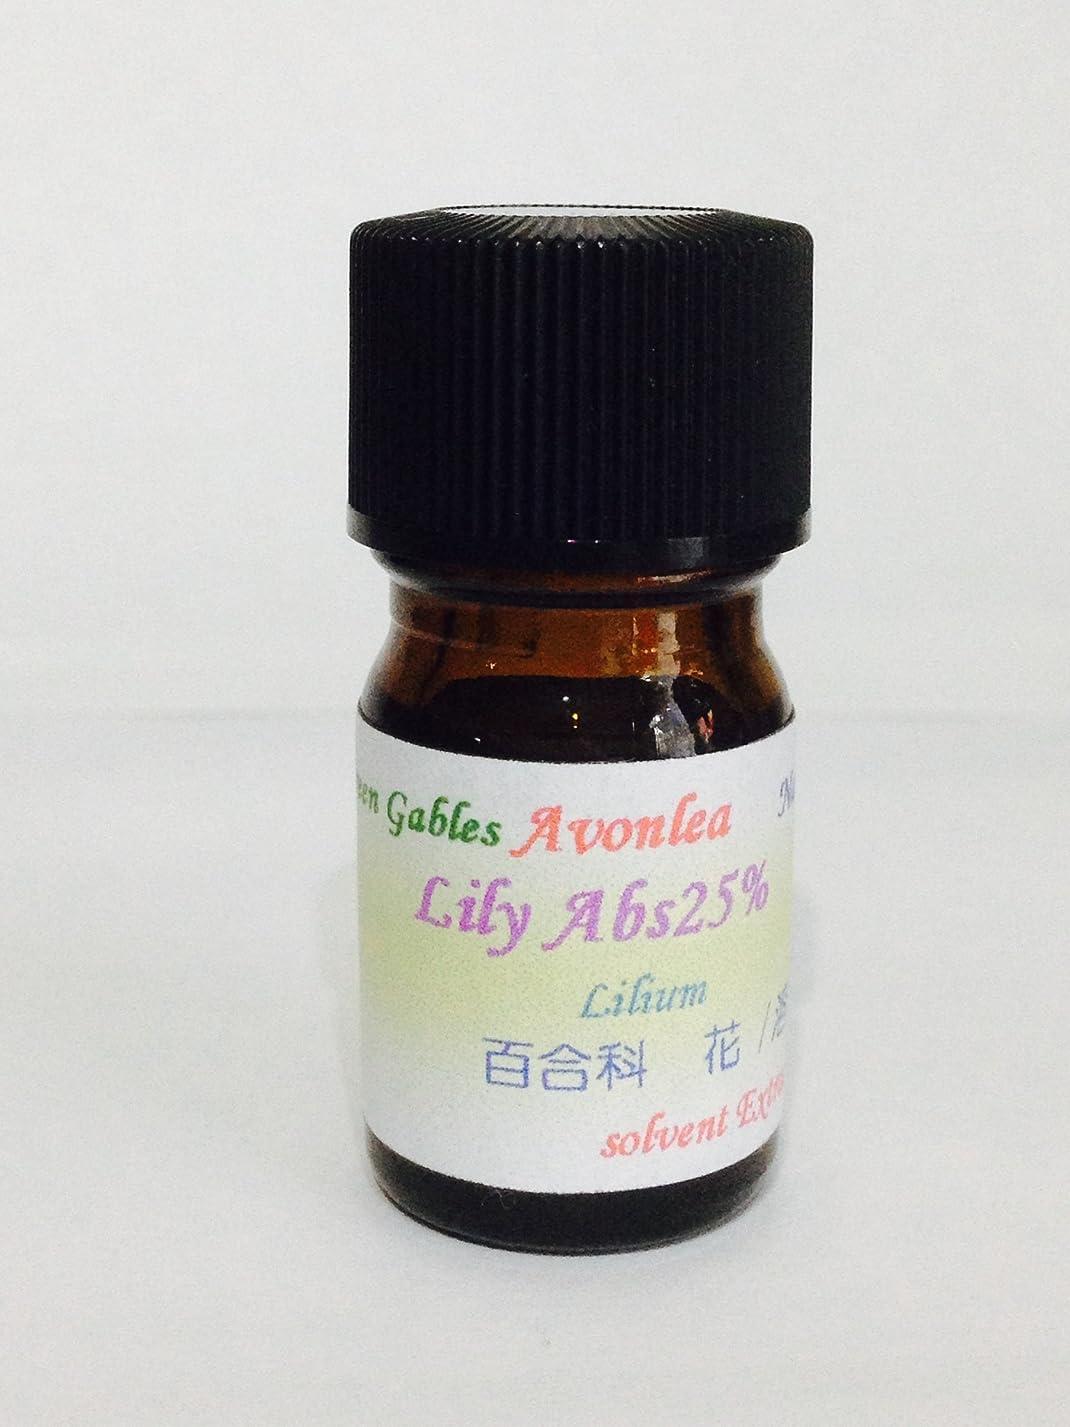 タール絶滅させるスパイラルリリー Abs 25% 百合 エッセンシャルオイル 超高級精油 5ml